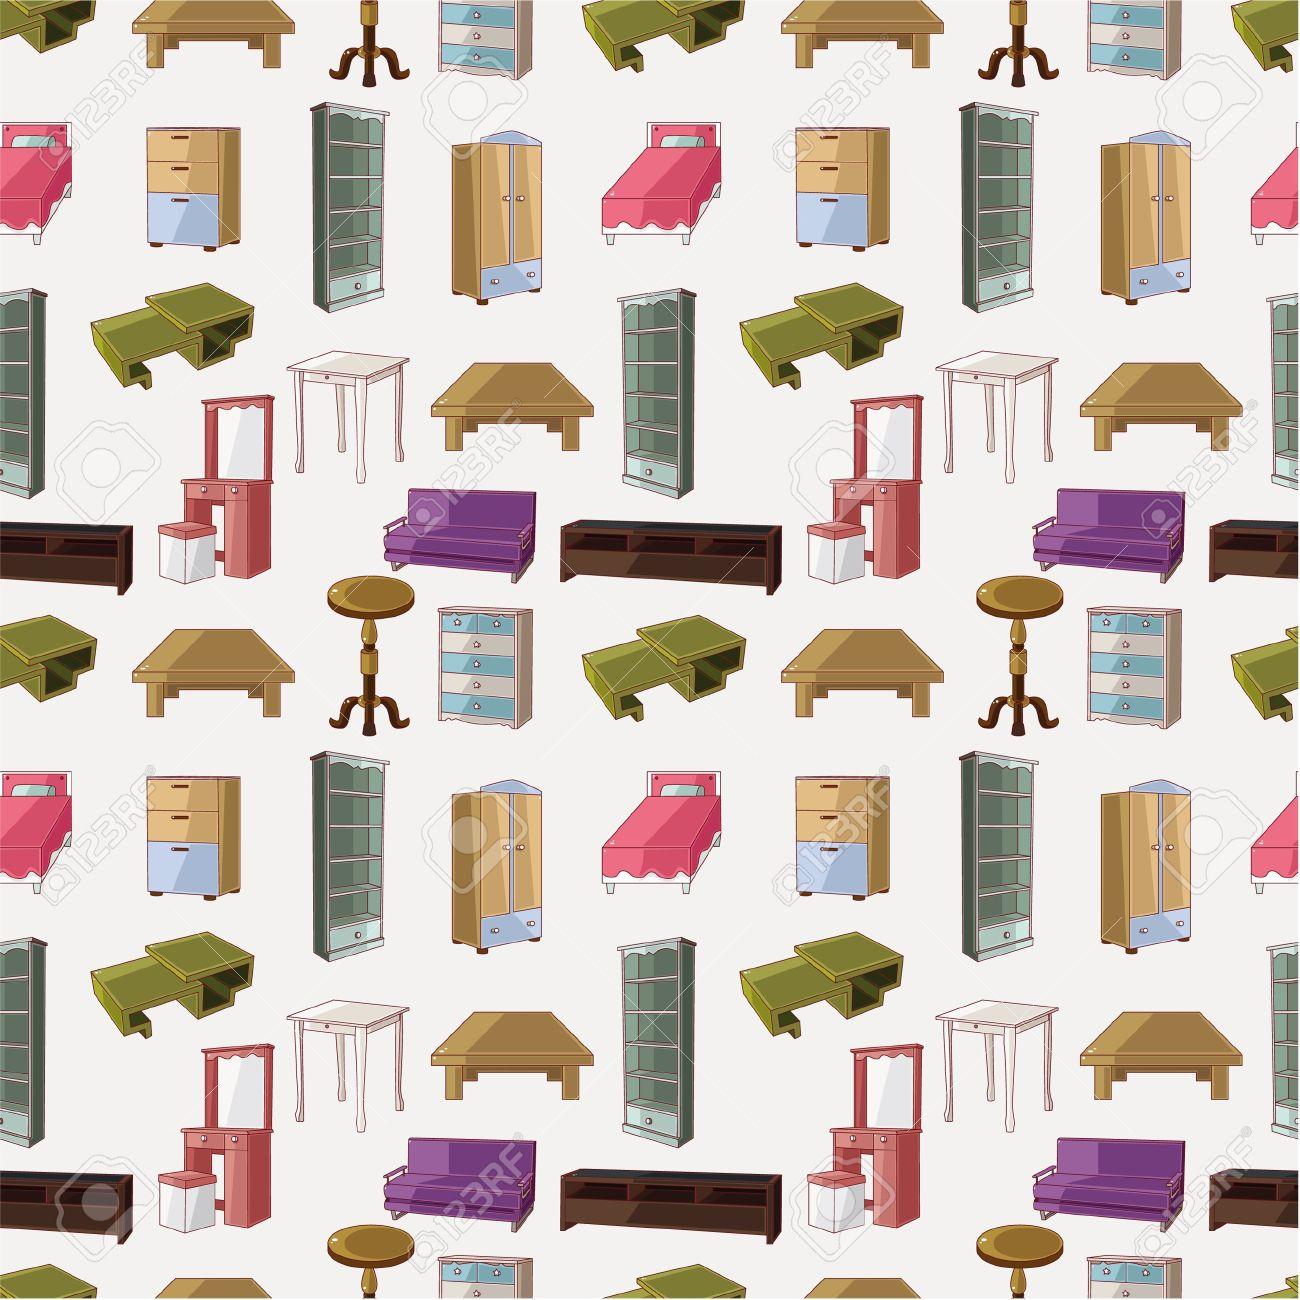 Patr N De Dibujos Animados Lindos Muebles Sin Problemas  # Muebles Dibujos Animados